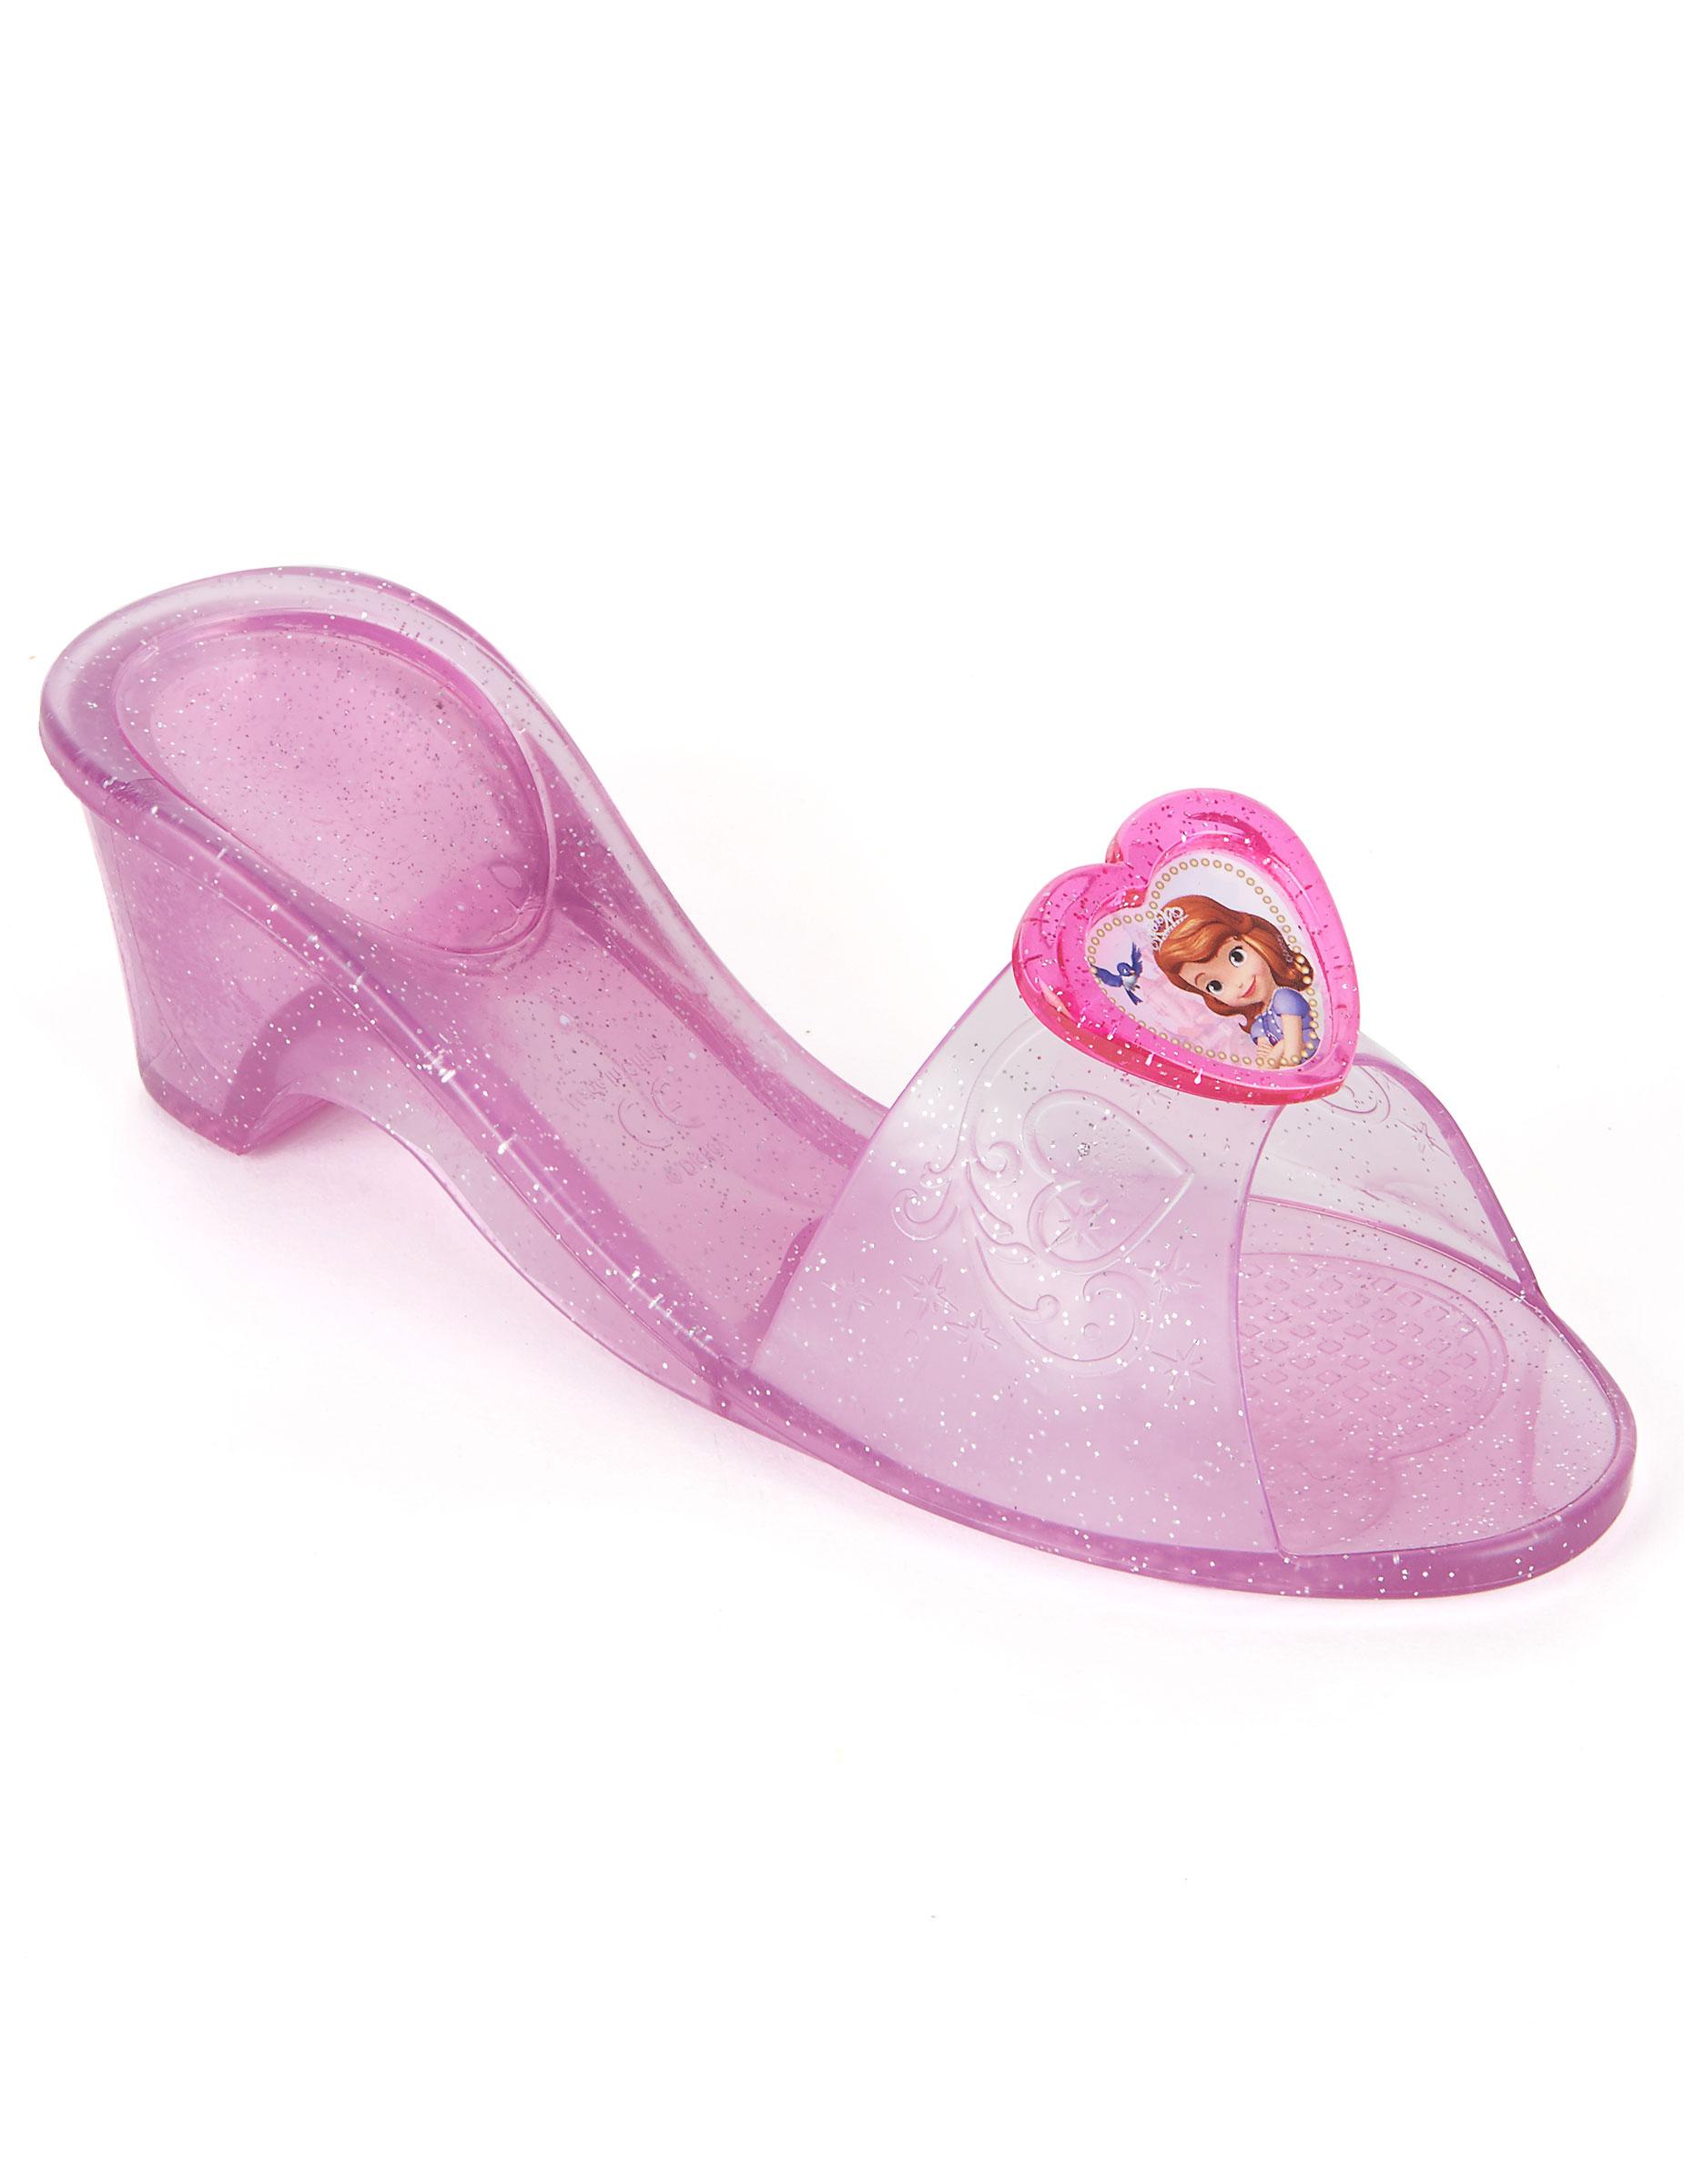 Zapatos Princesa Sofía™ niña  Accesorios 30a27cf9318